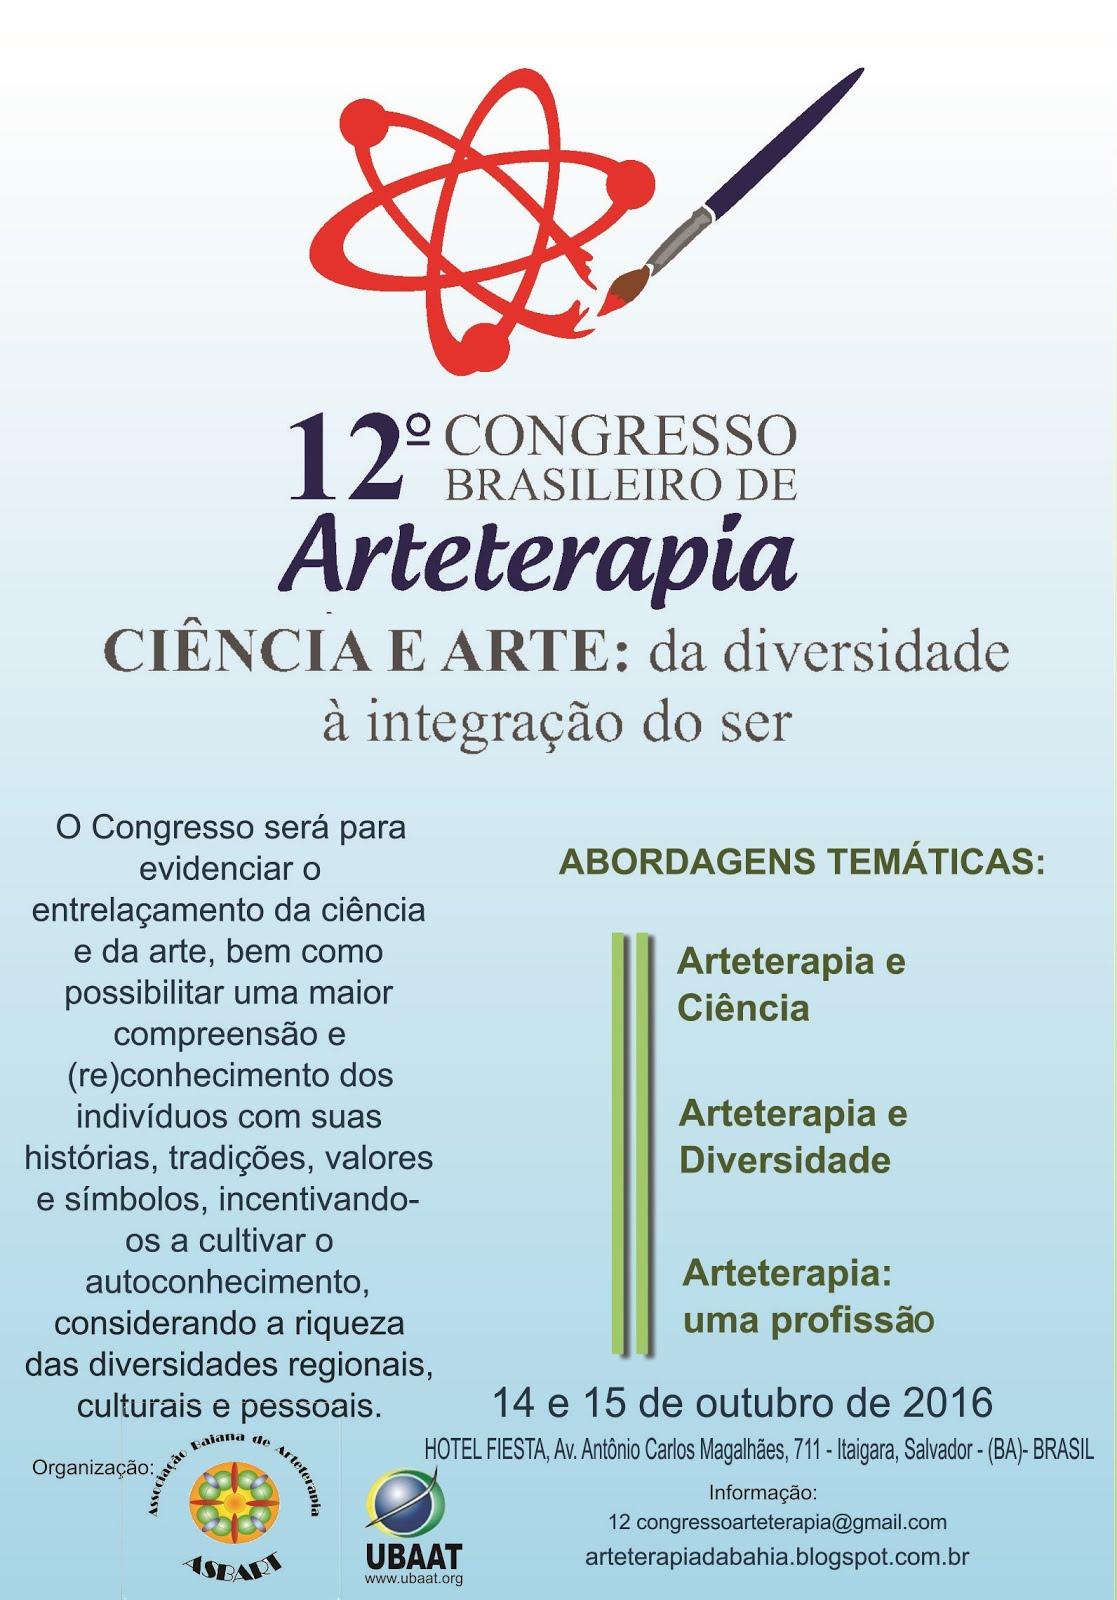 12º Congresso Brasileiro de Arteterapia